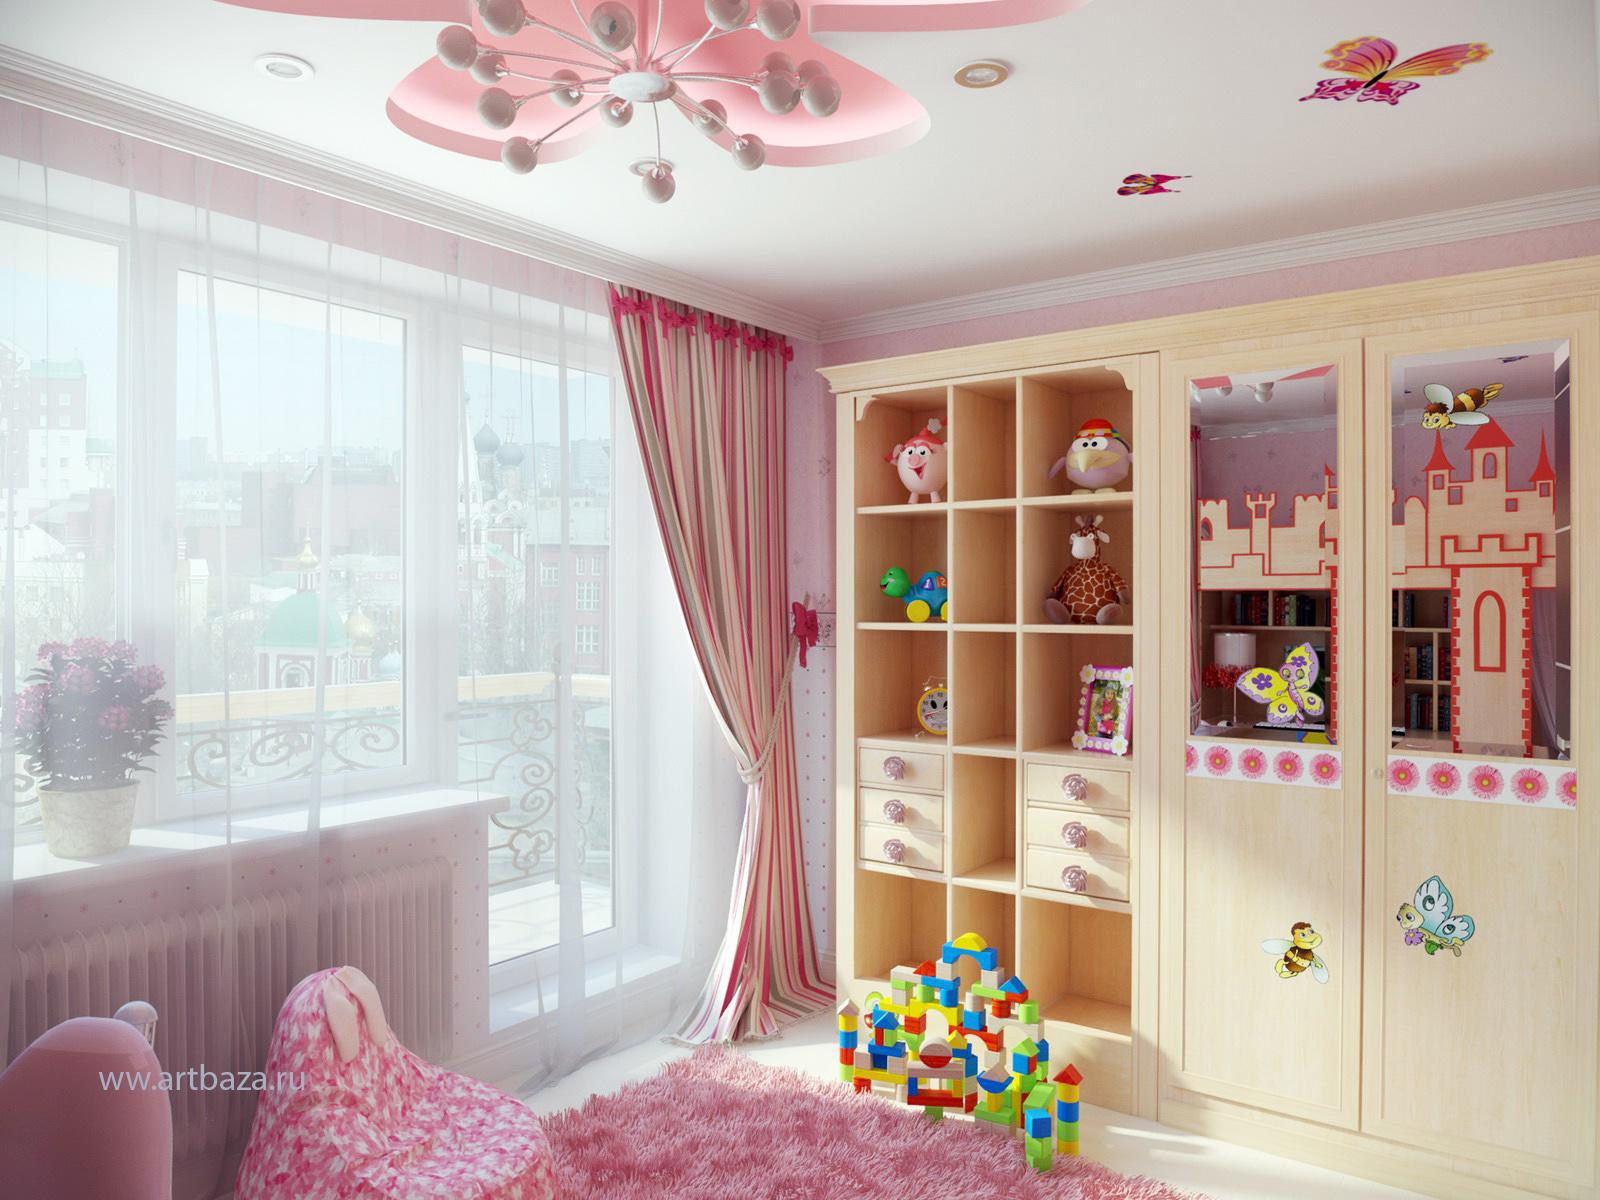 Интерьер детской комнаты стройка и